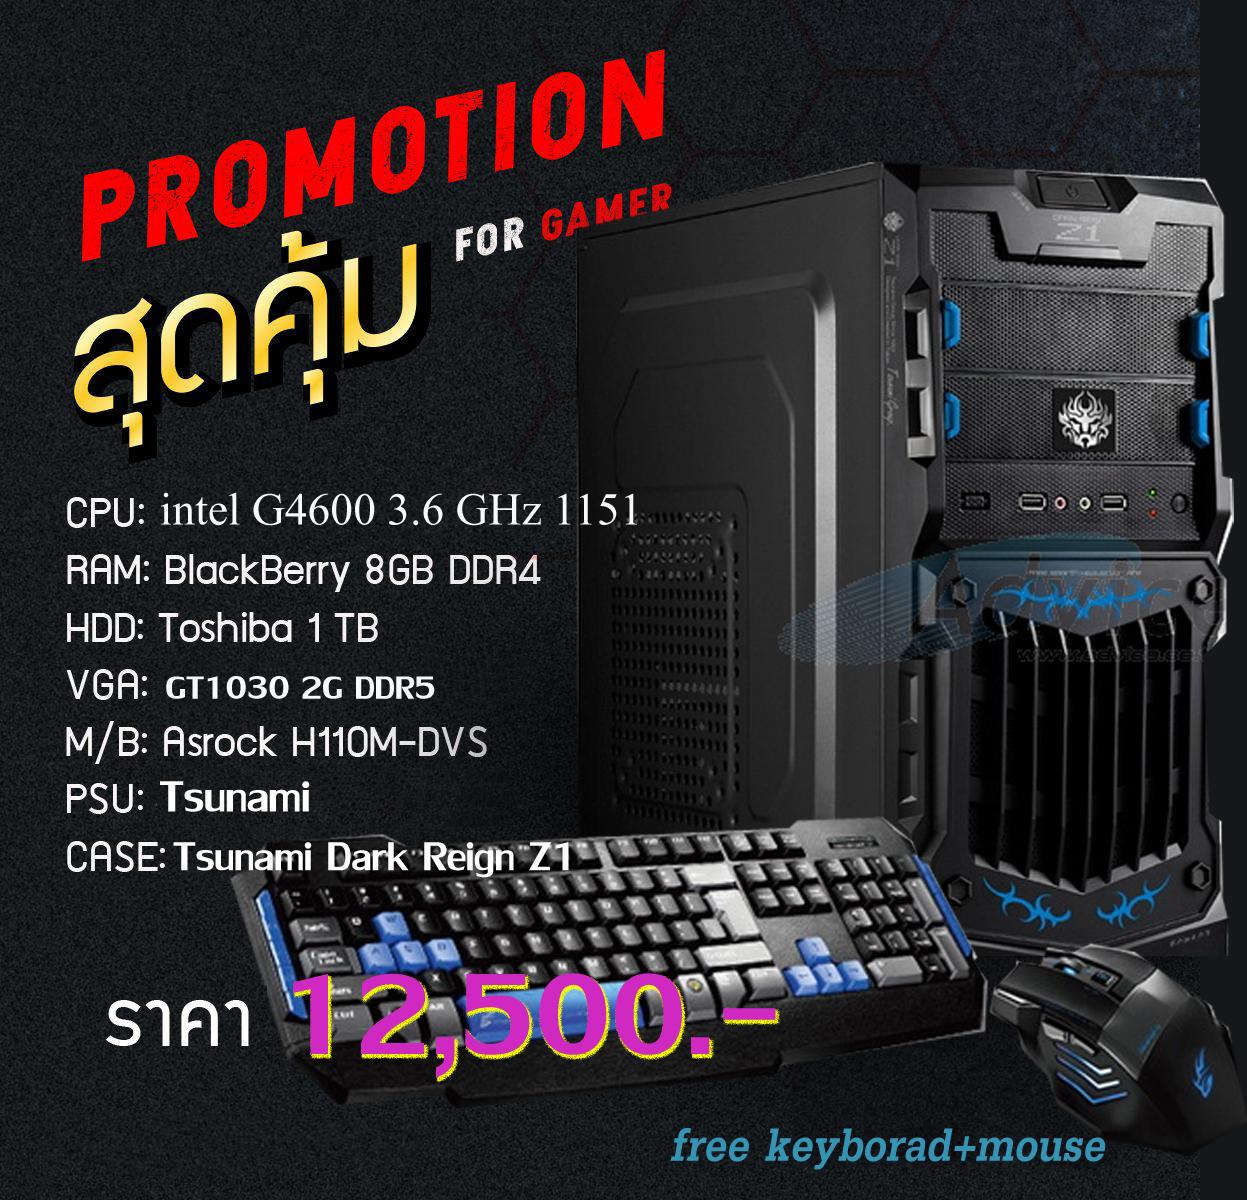 คอมประกอบ Gaming P1 – แรงราคาประหยัด Free Keyborad+Mouse